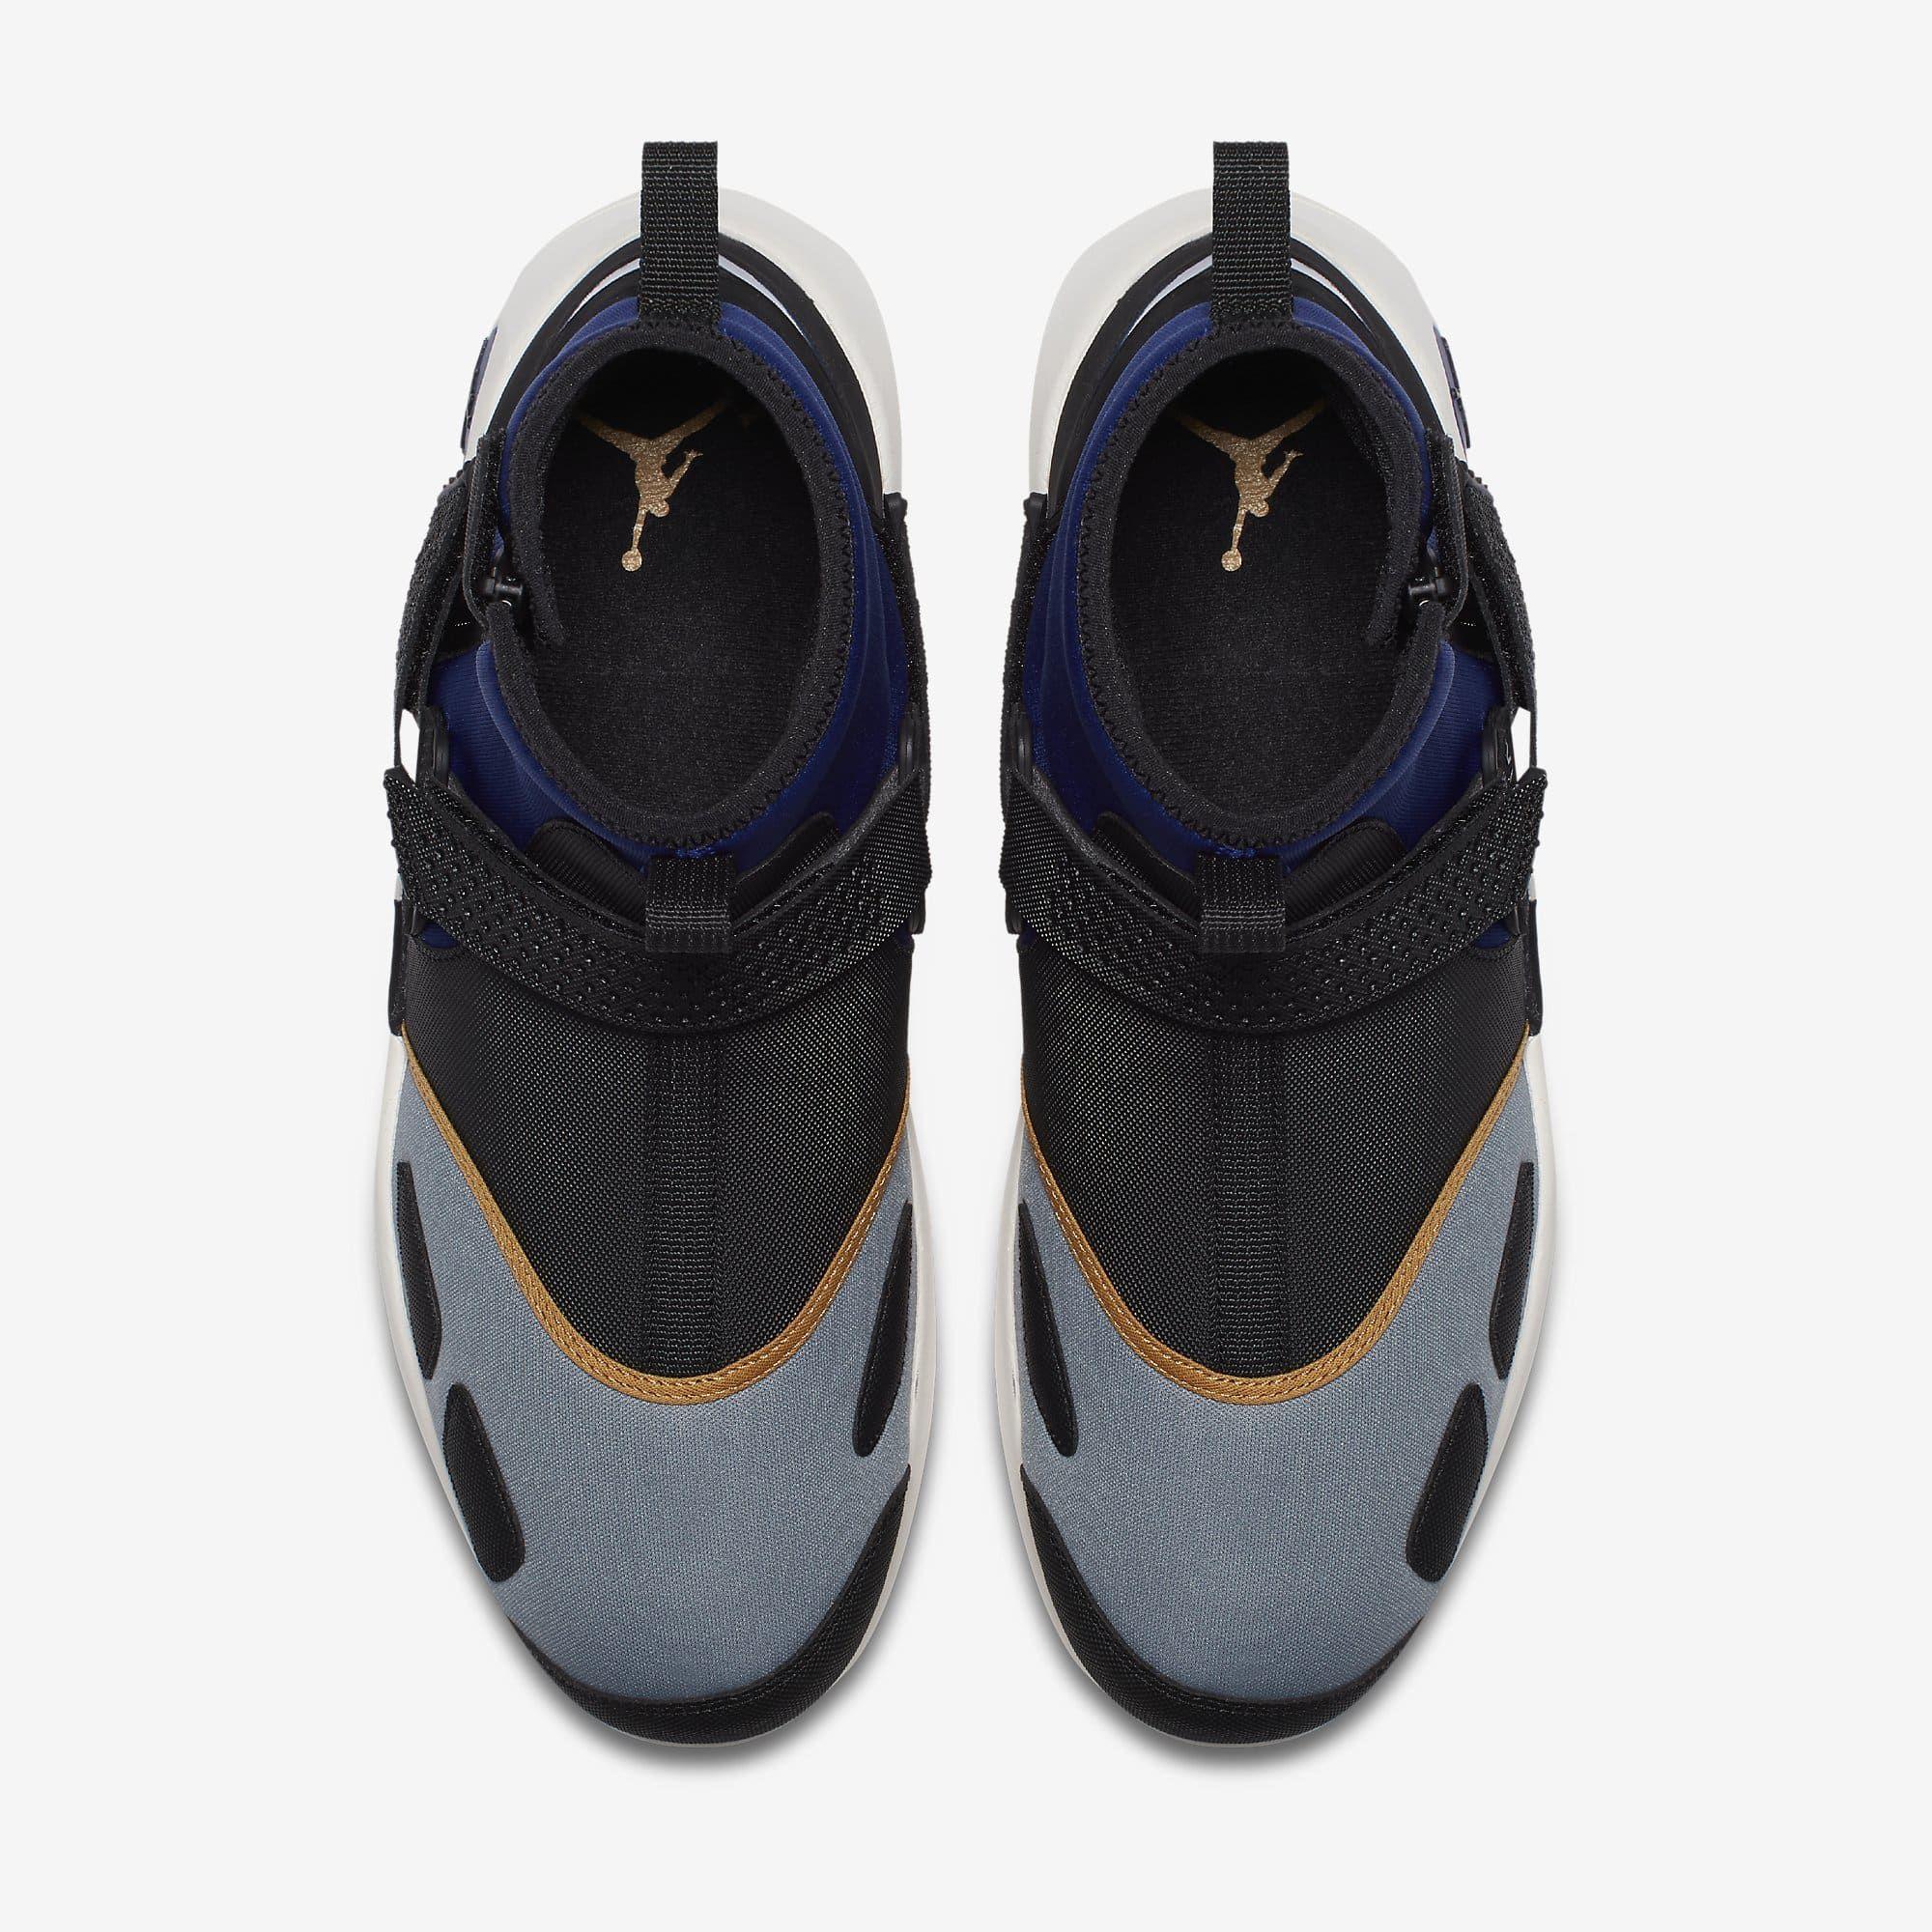 ad8711039ede31 Nike Jordan Trunner LX High